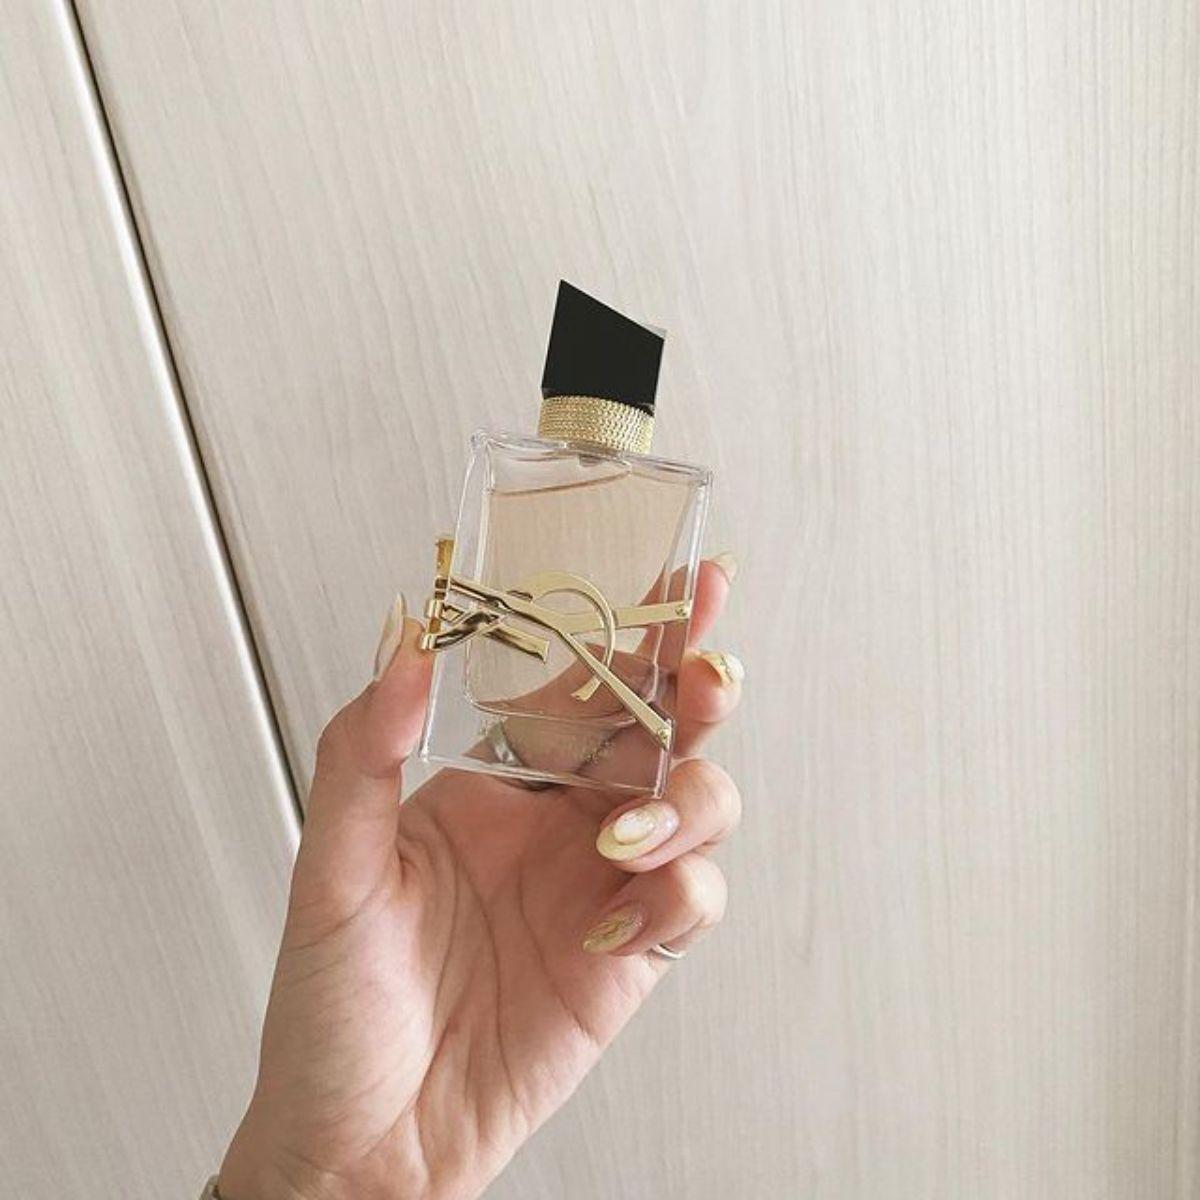 """「それどこの香水?」の声が止まないほど""""イイ女""""の香り。キツすぎず上品で惹かれる人が増えてるんです"""